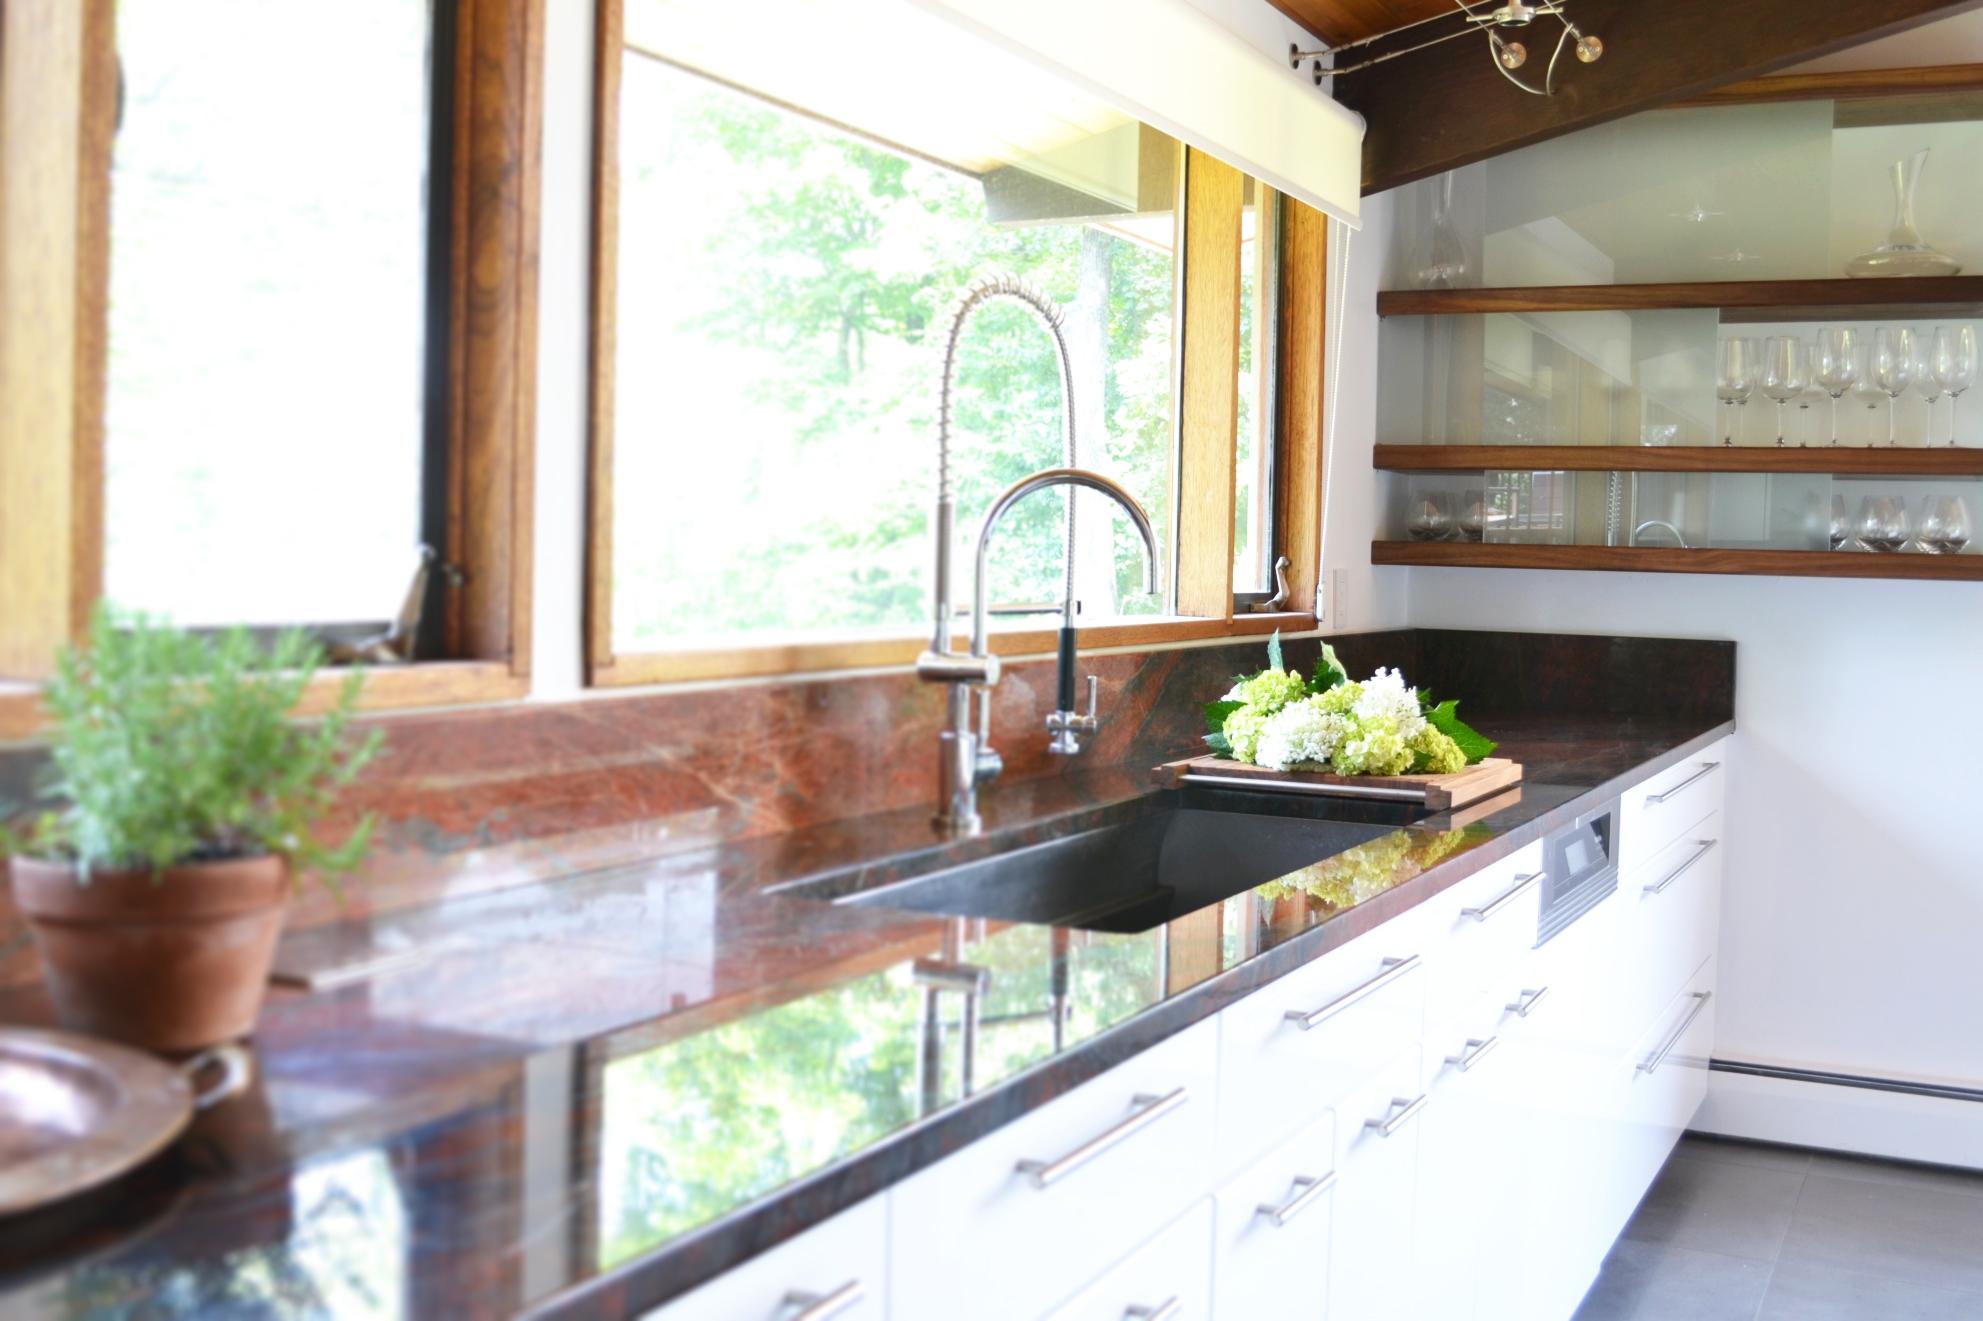 Farmington Kitchen (Nook) After